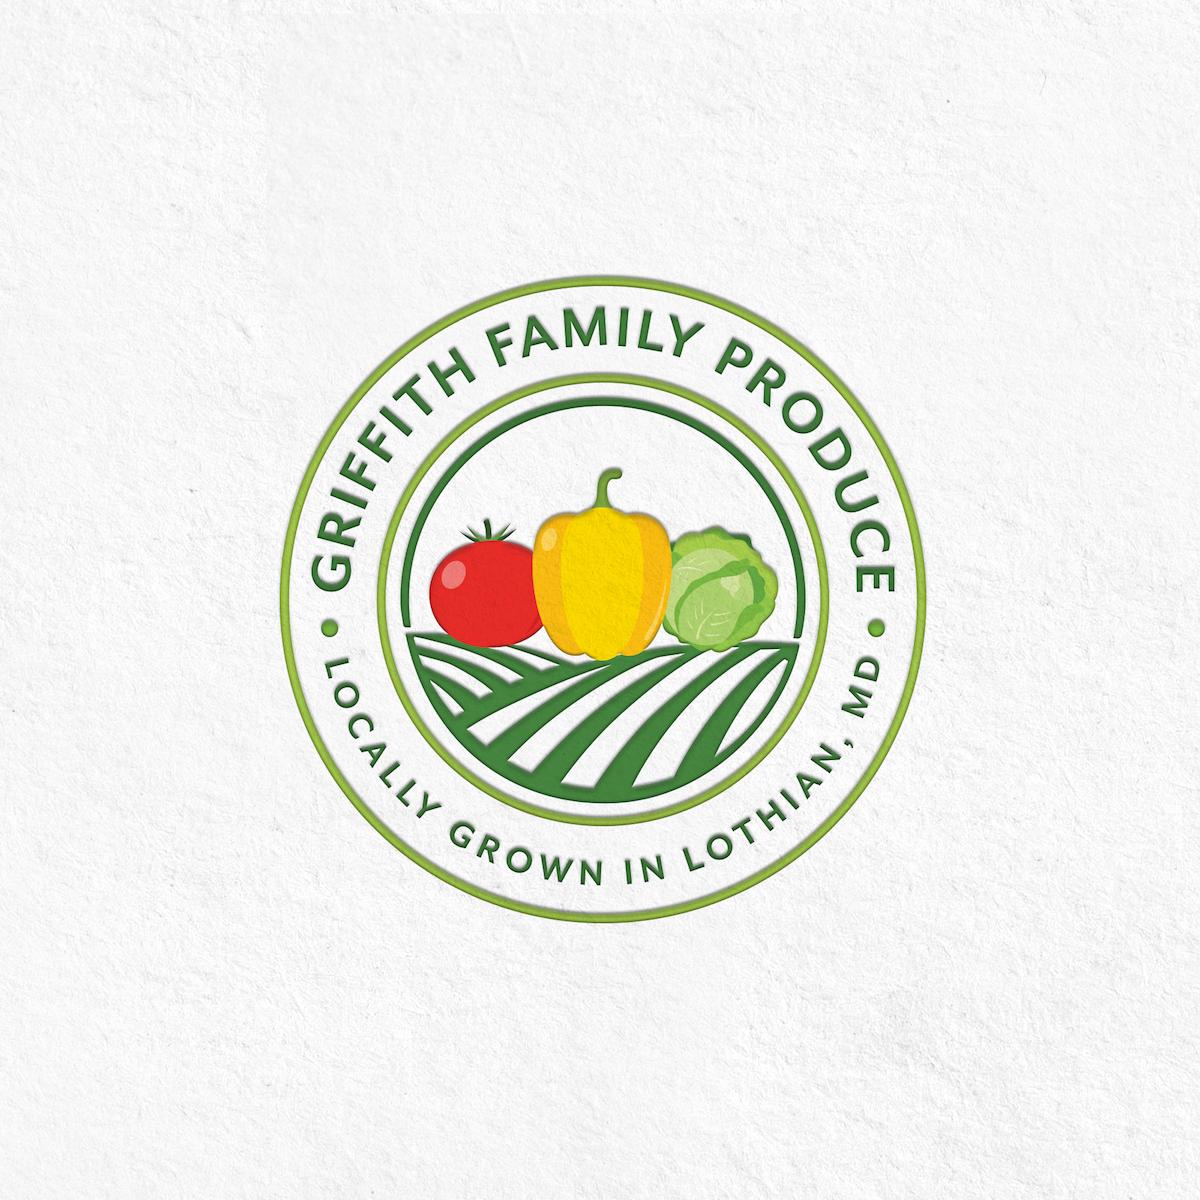 gfp-logo-mockup.png